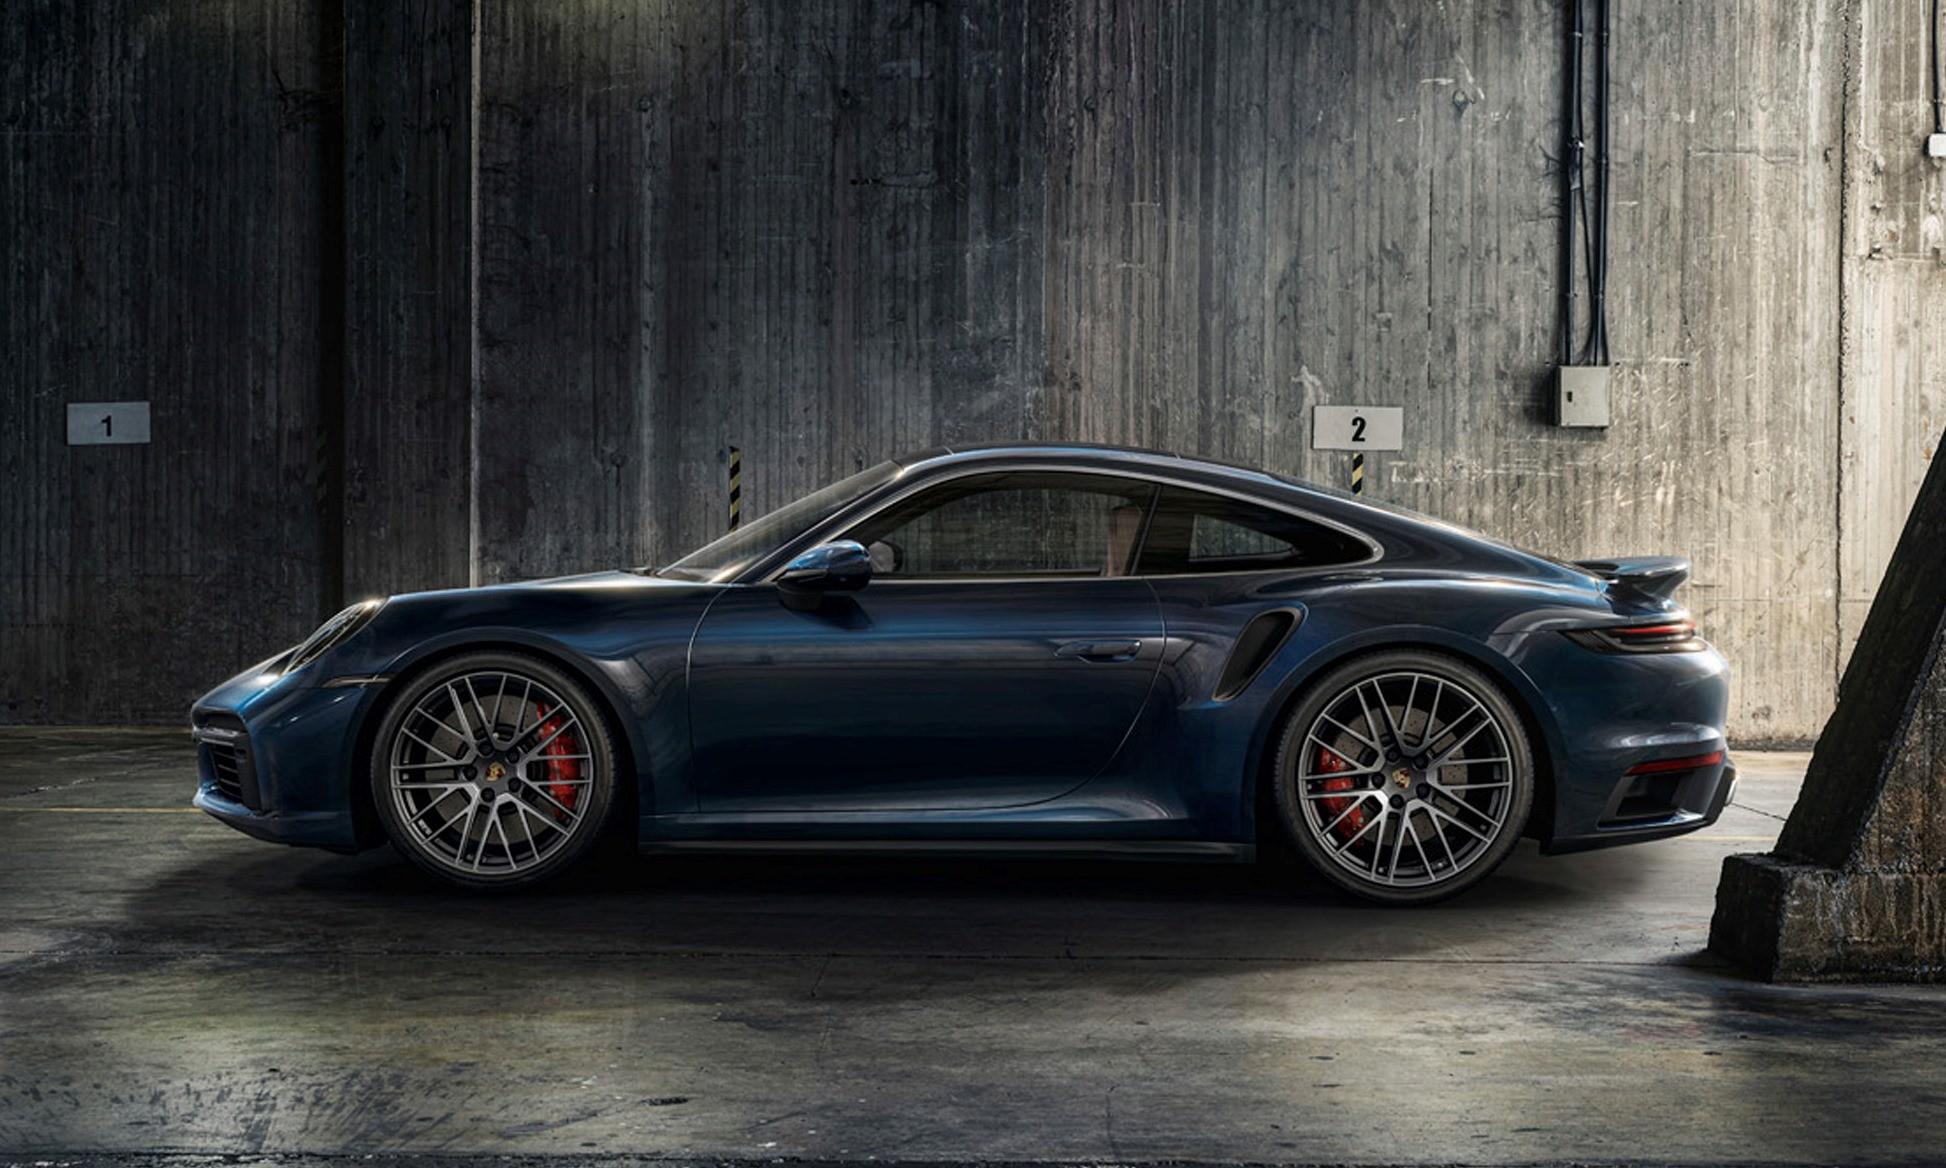 Porsche 911 Turbo profile